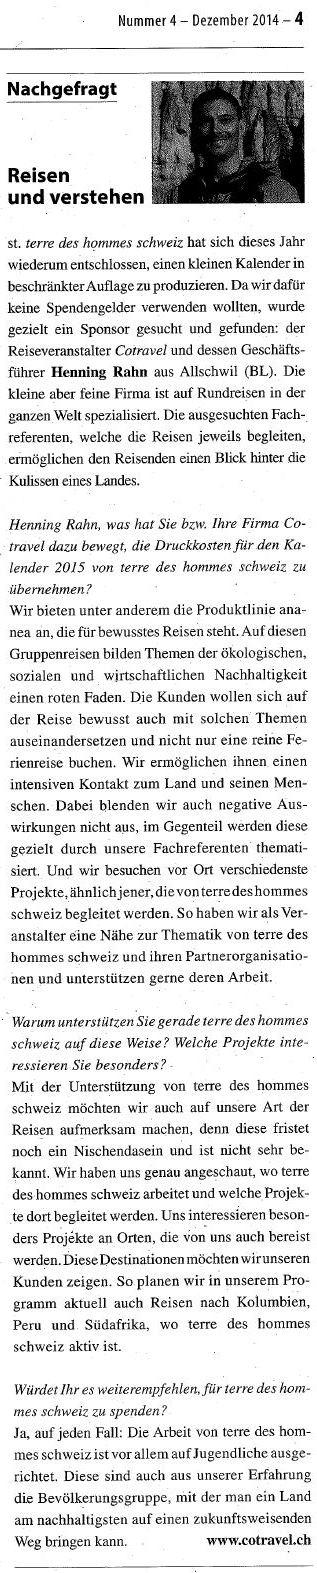 terre des hommes schweiz_Interview cotravel Henning Rahn